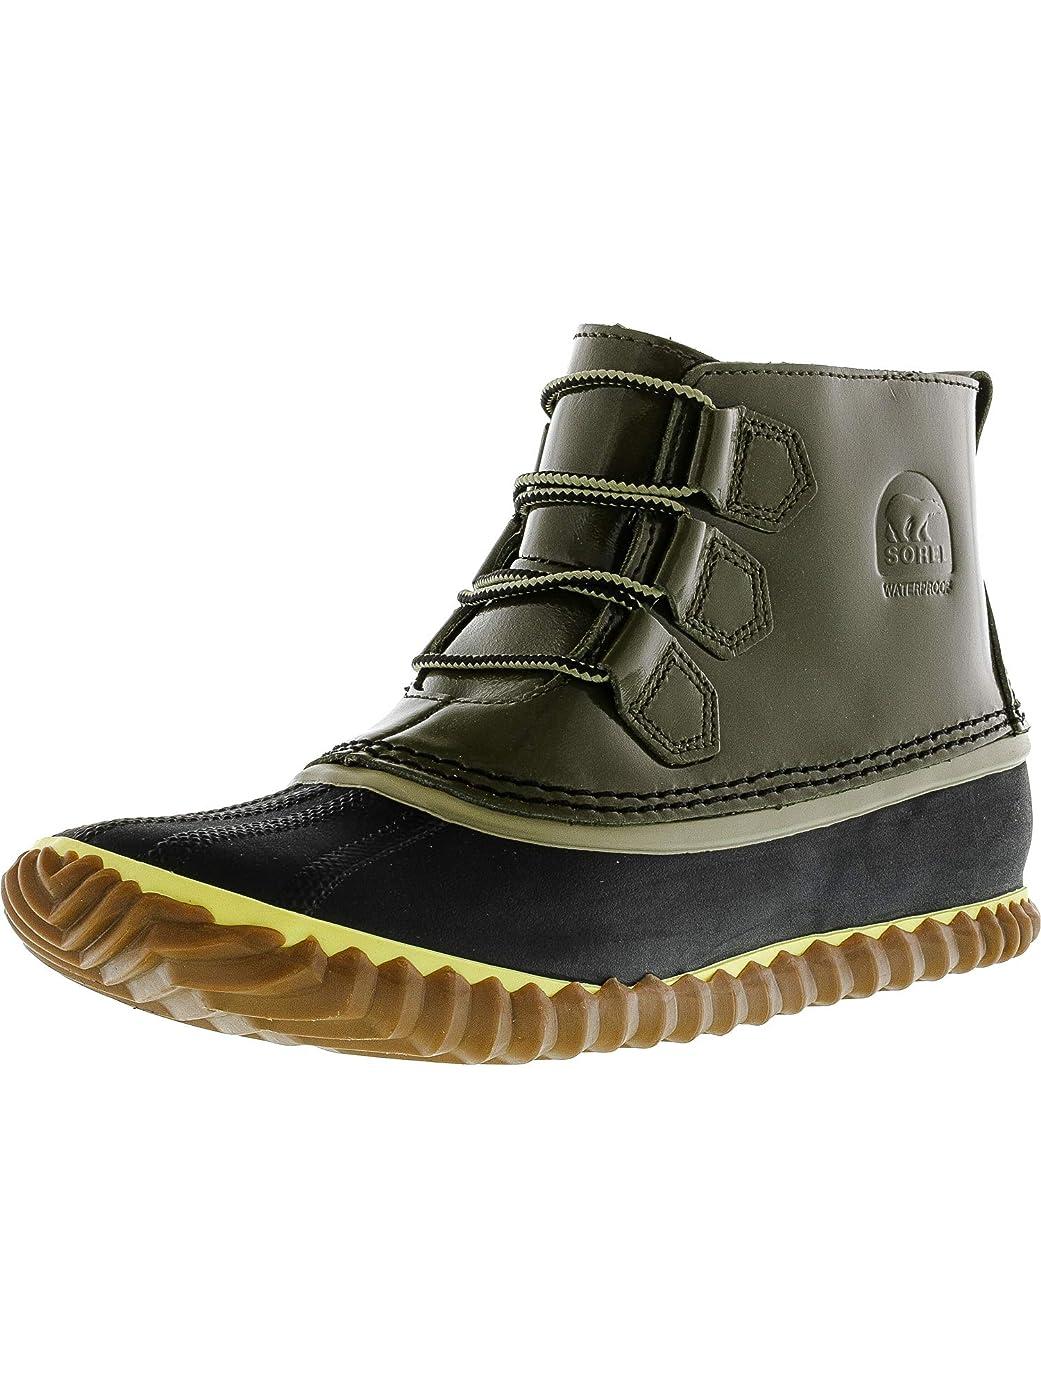 スープ雪だるまを作る移動[Sorel] Women's Out N About Nori Ankle-High Leather Rain Boot - 9M